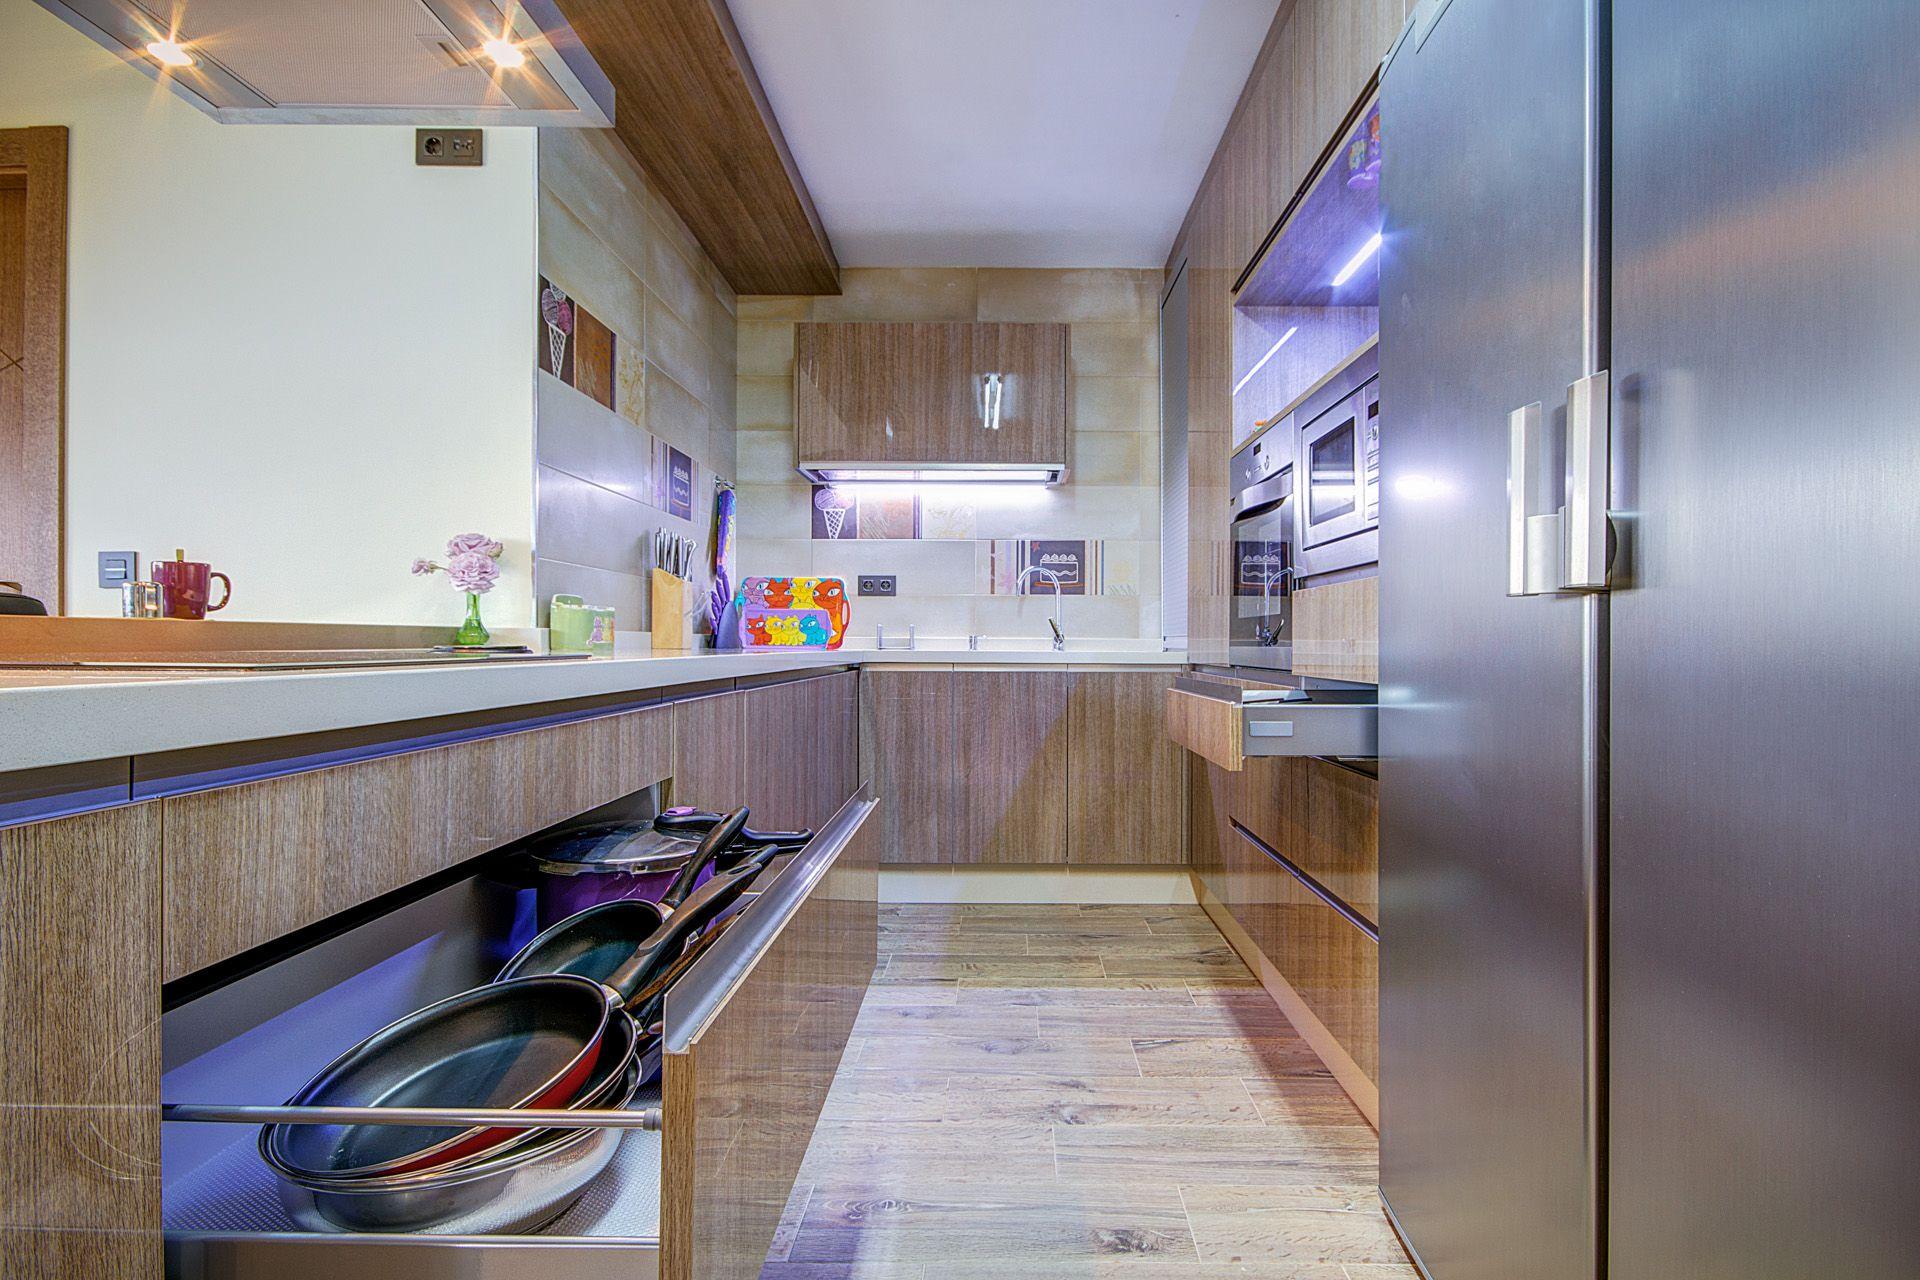 Comedor #Cocina #moderno #decoracion via @planreforma #accesorios ...